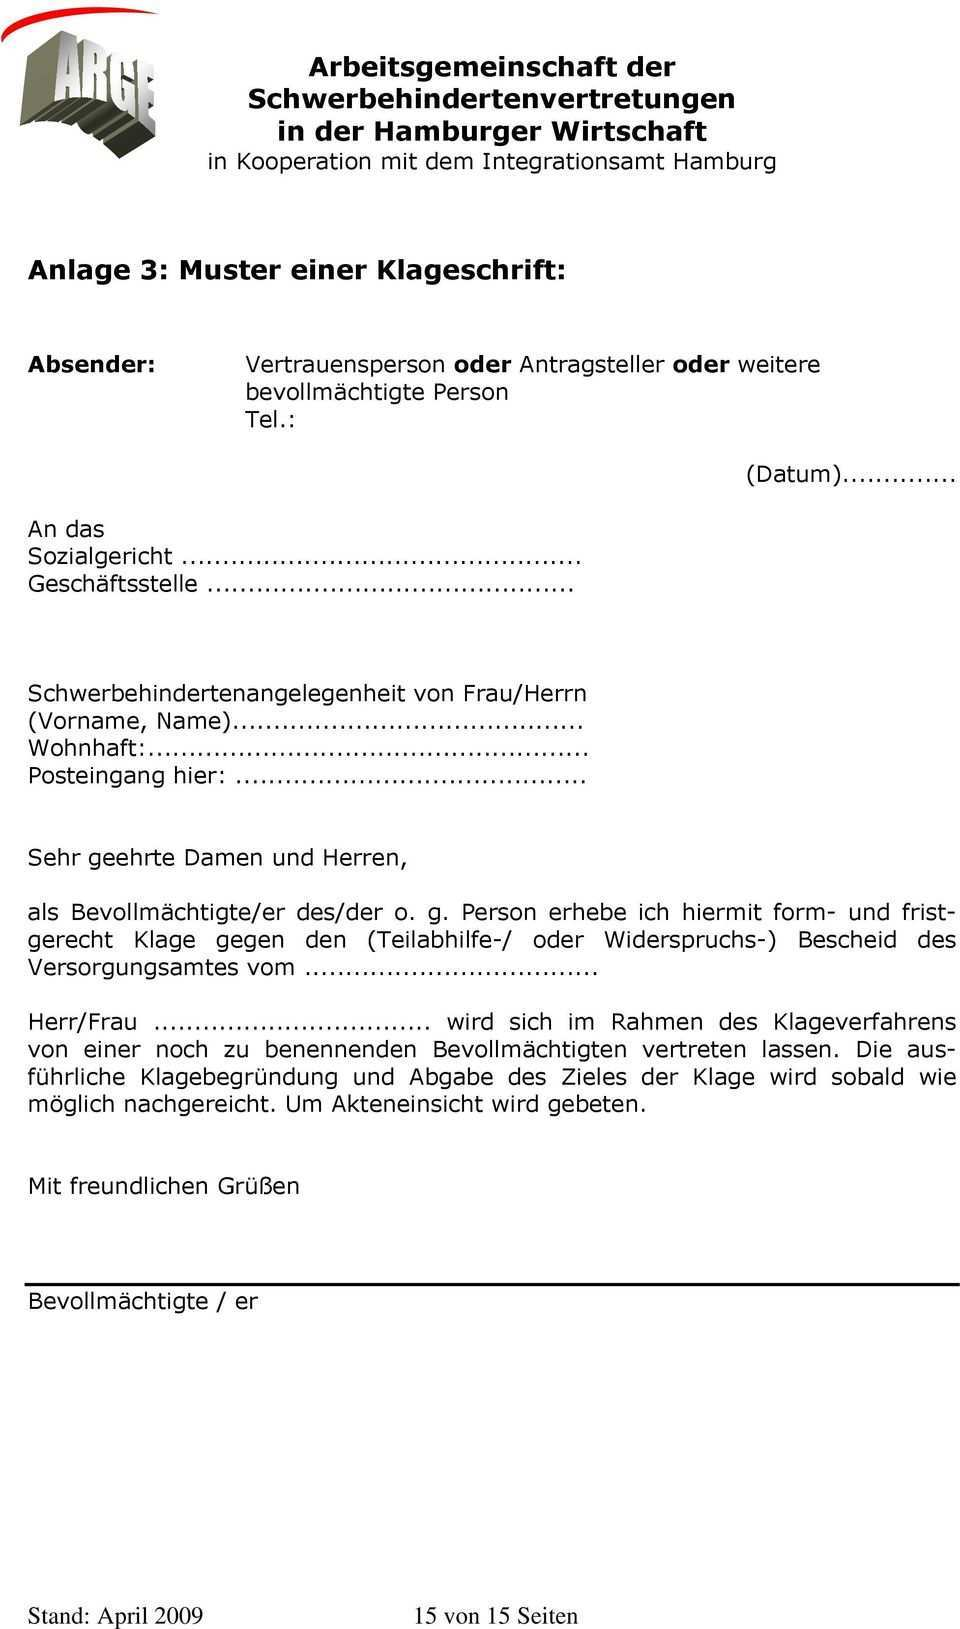 Arbeitsgemeinschaft Der Schwerbehindertenvertretungen In Der Hamburger Wirtschaft In Kooperation Mit Dem Integrationsamt Hamburg Pdf Free Download